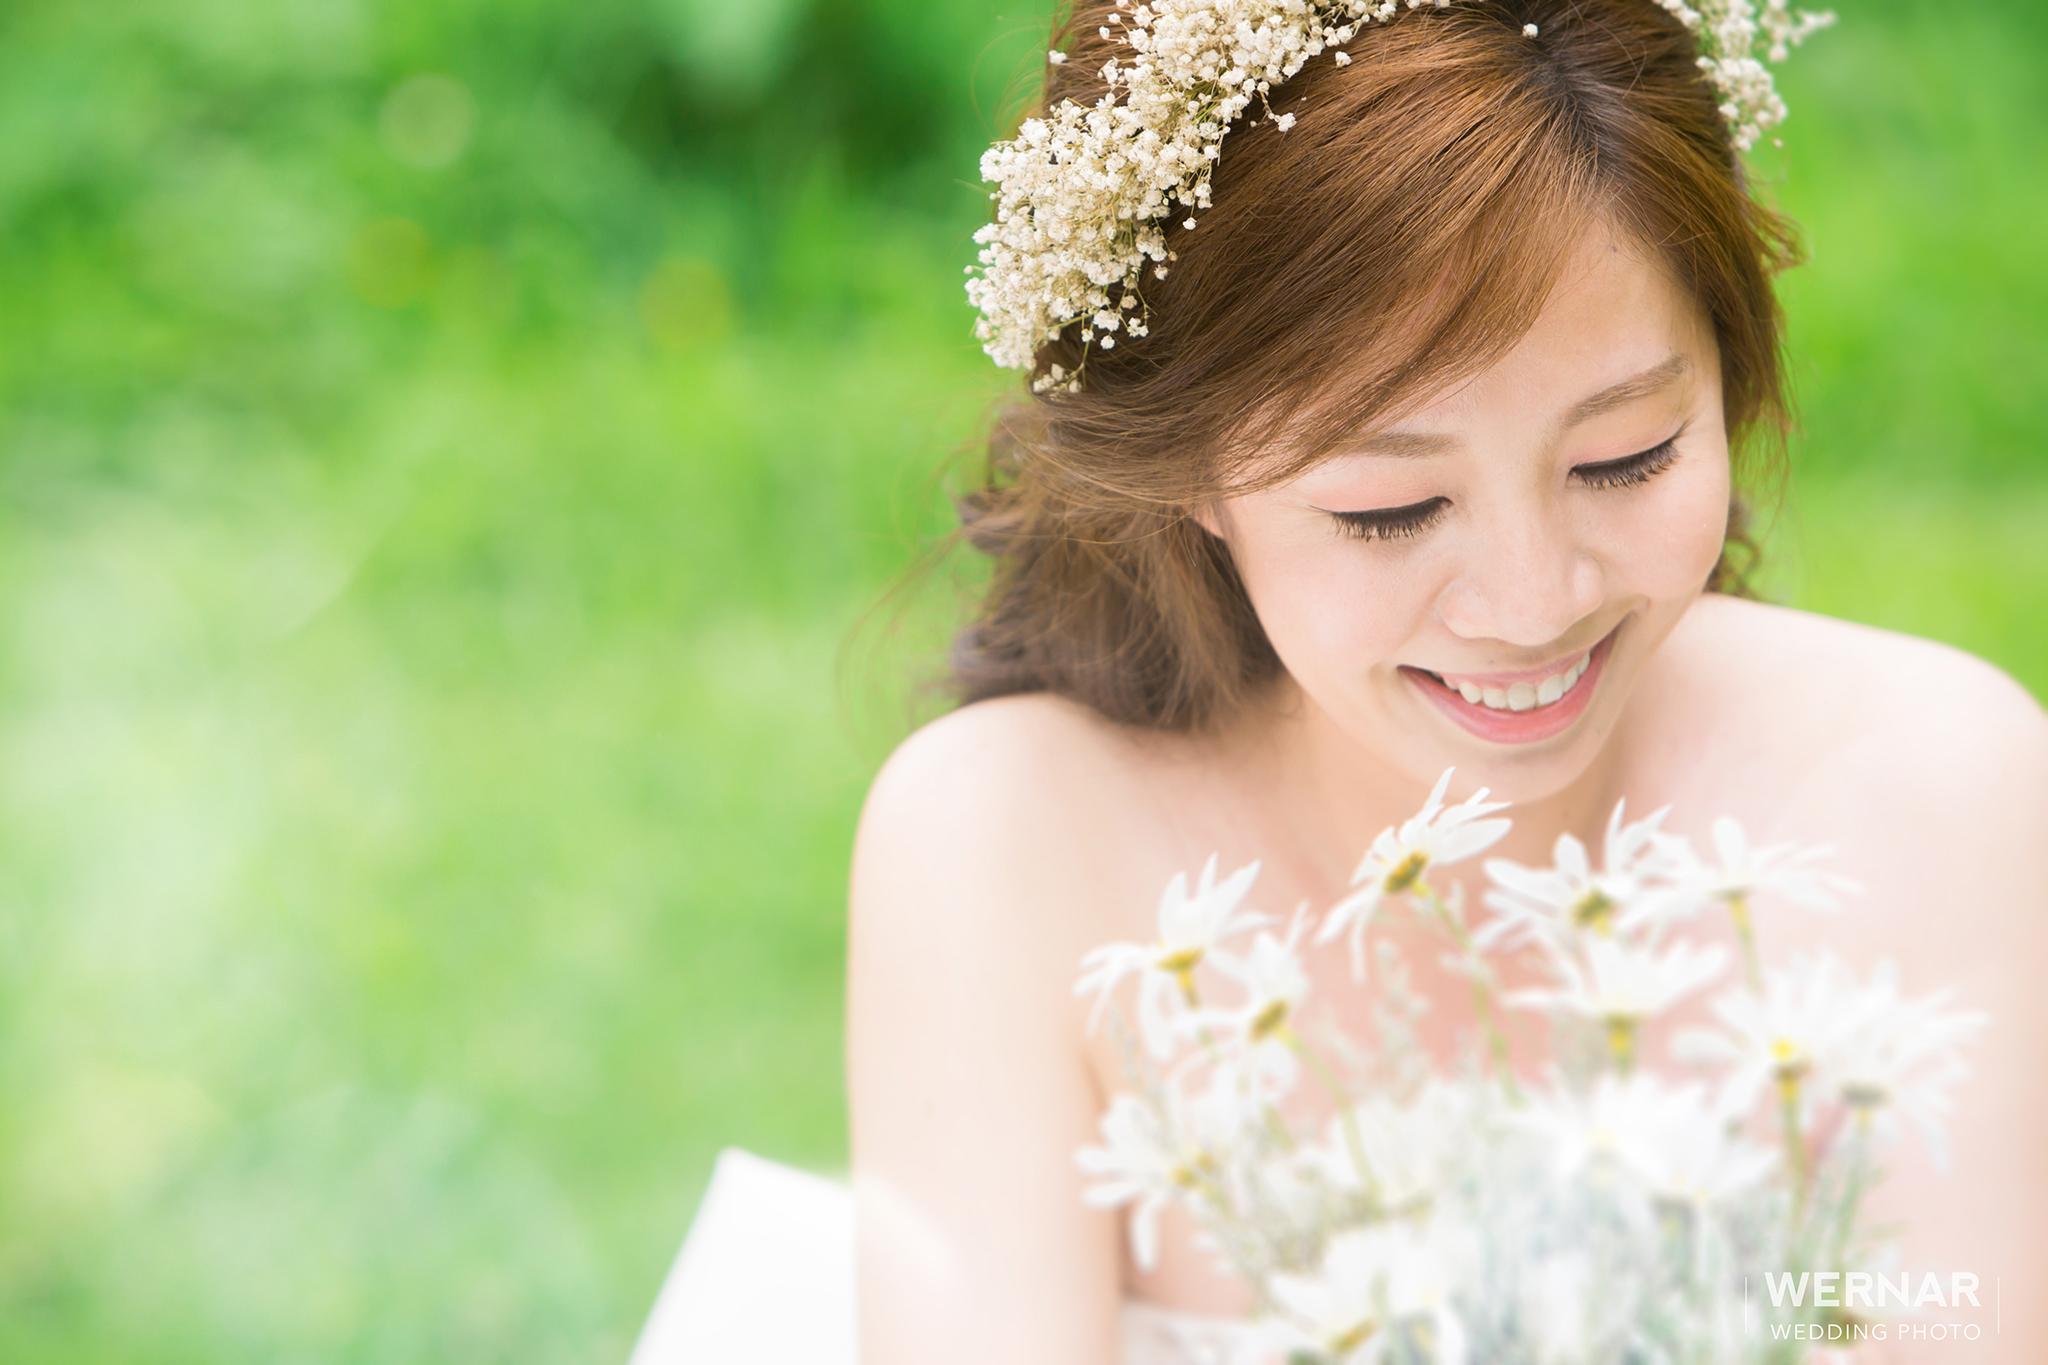 桃園華納婚紗推薦,婚紗攝影,自主婚紗,婚紗照